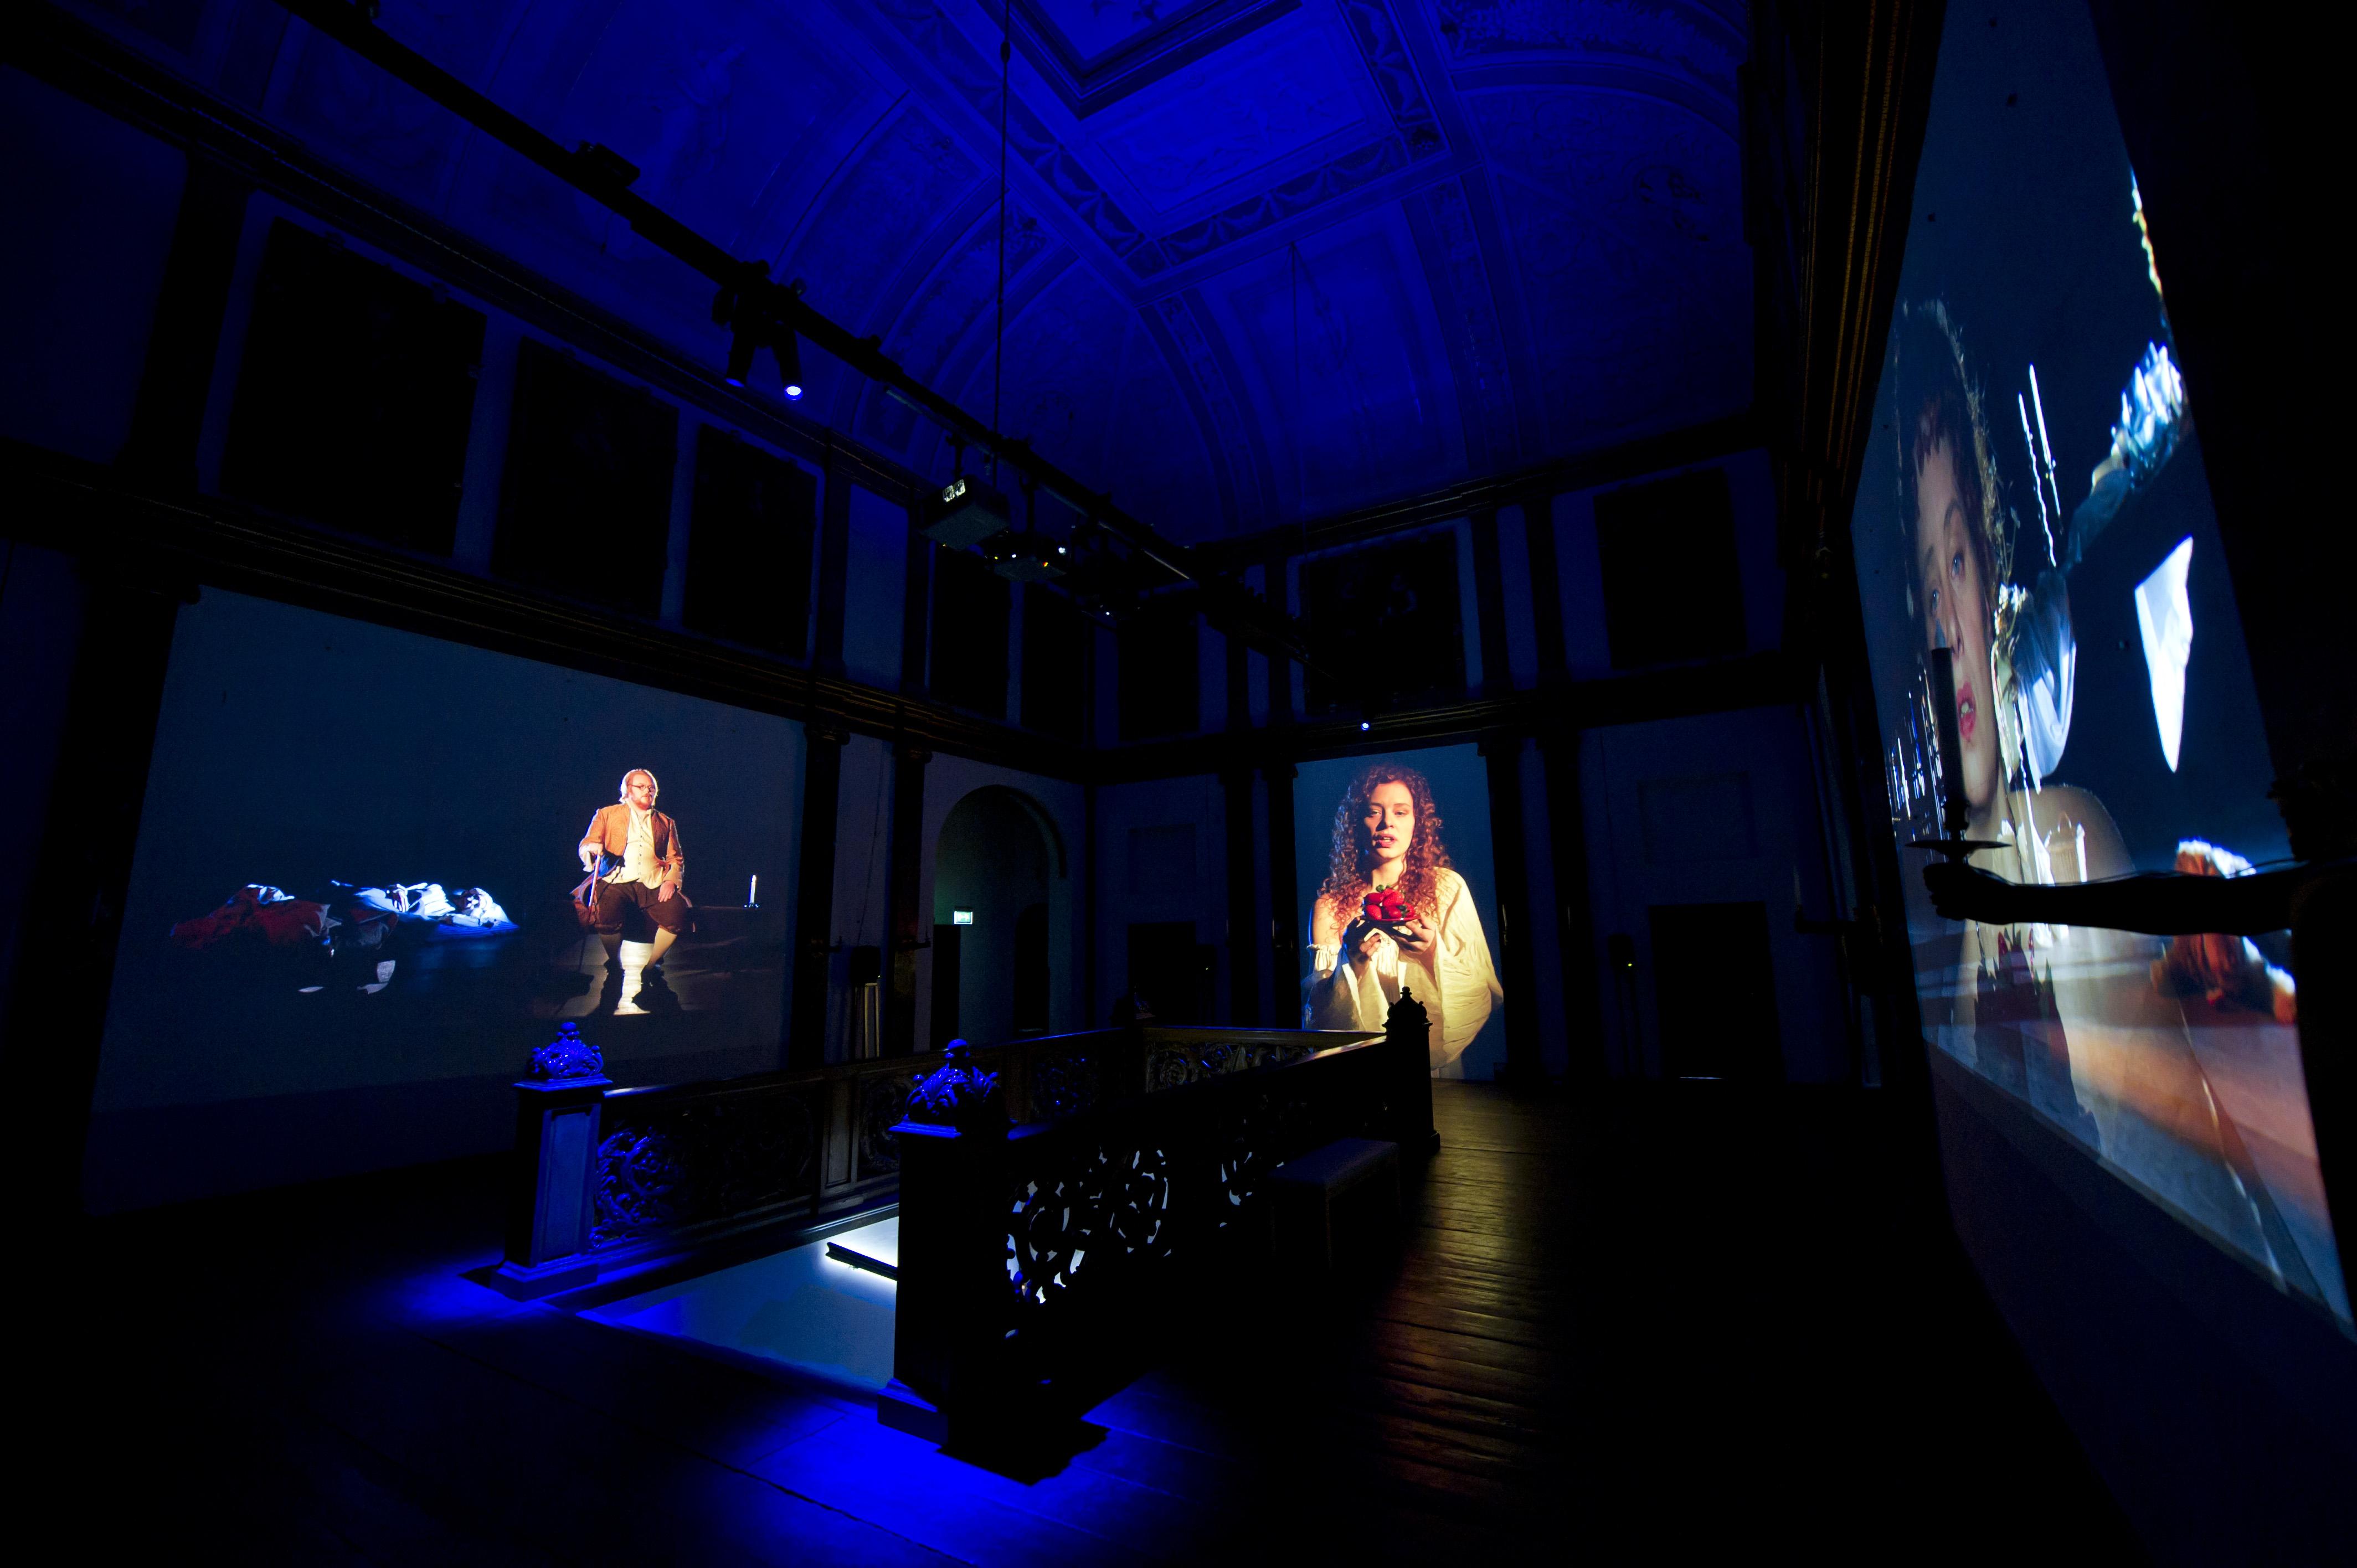 amerongen-premiere-van-multimediale-filmproductie-een-dag-uit